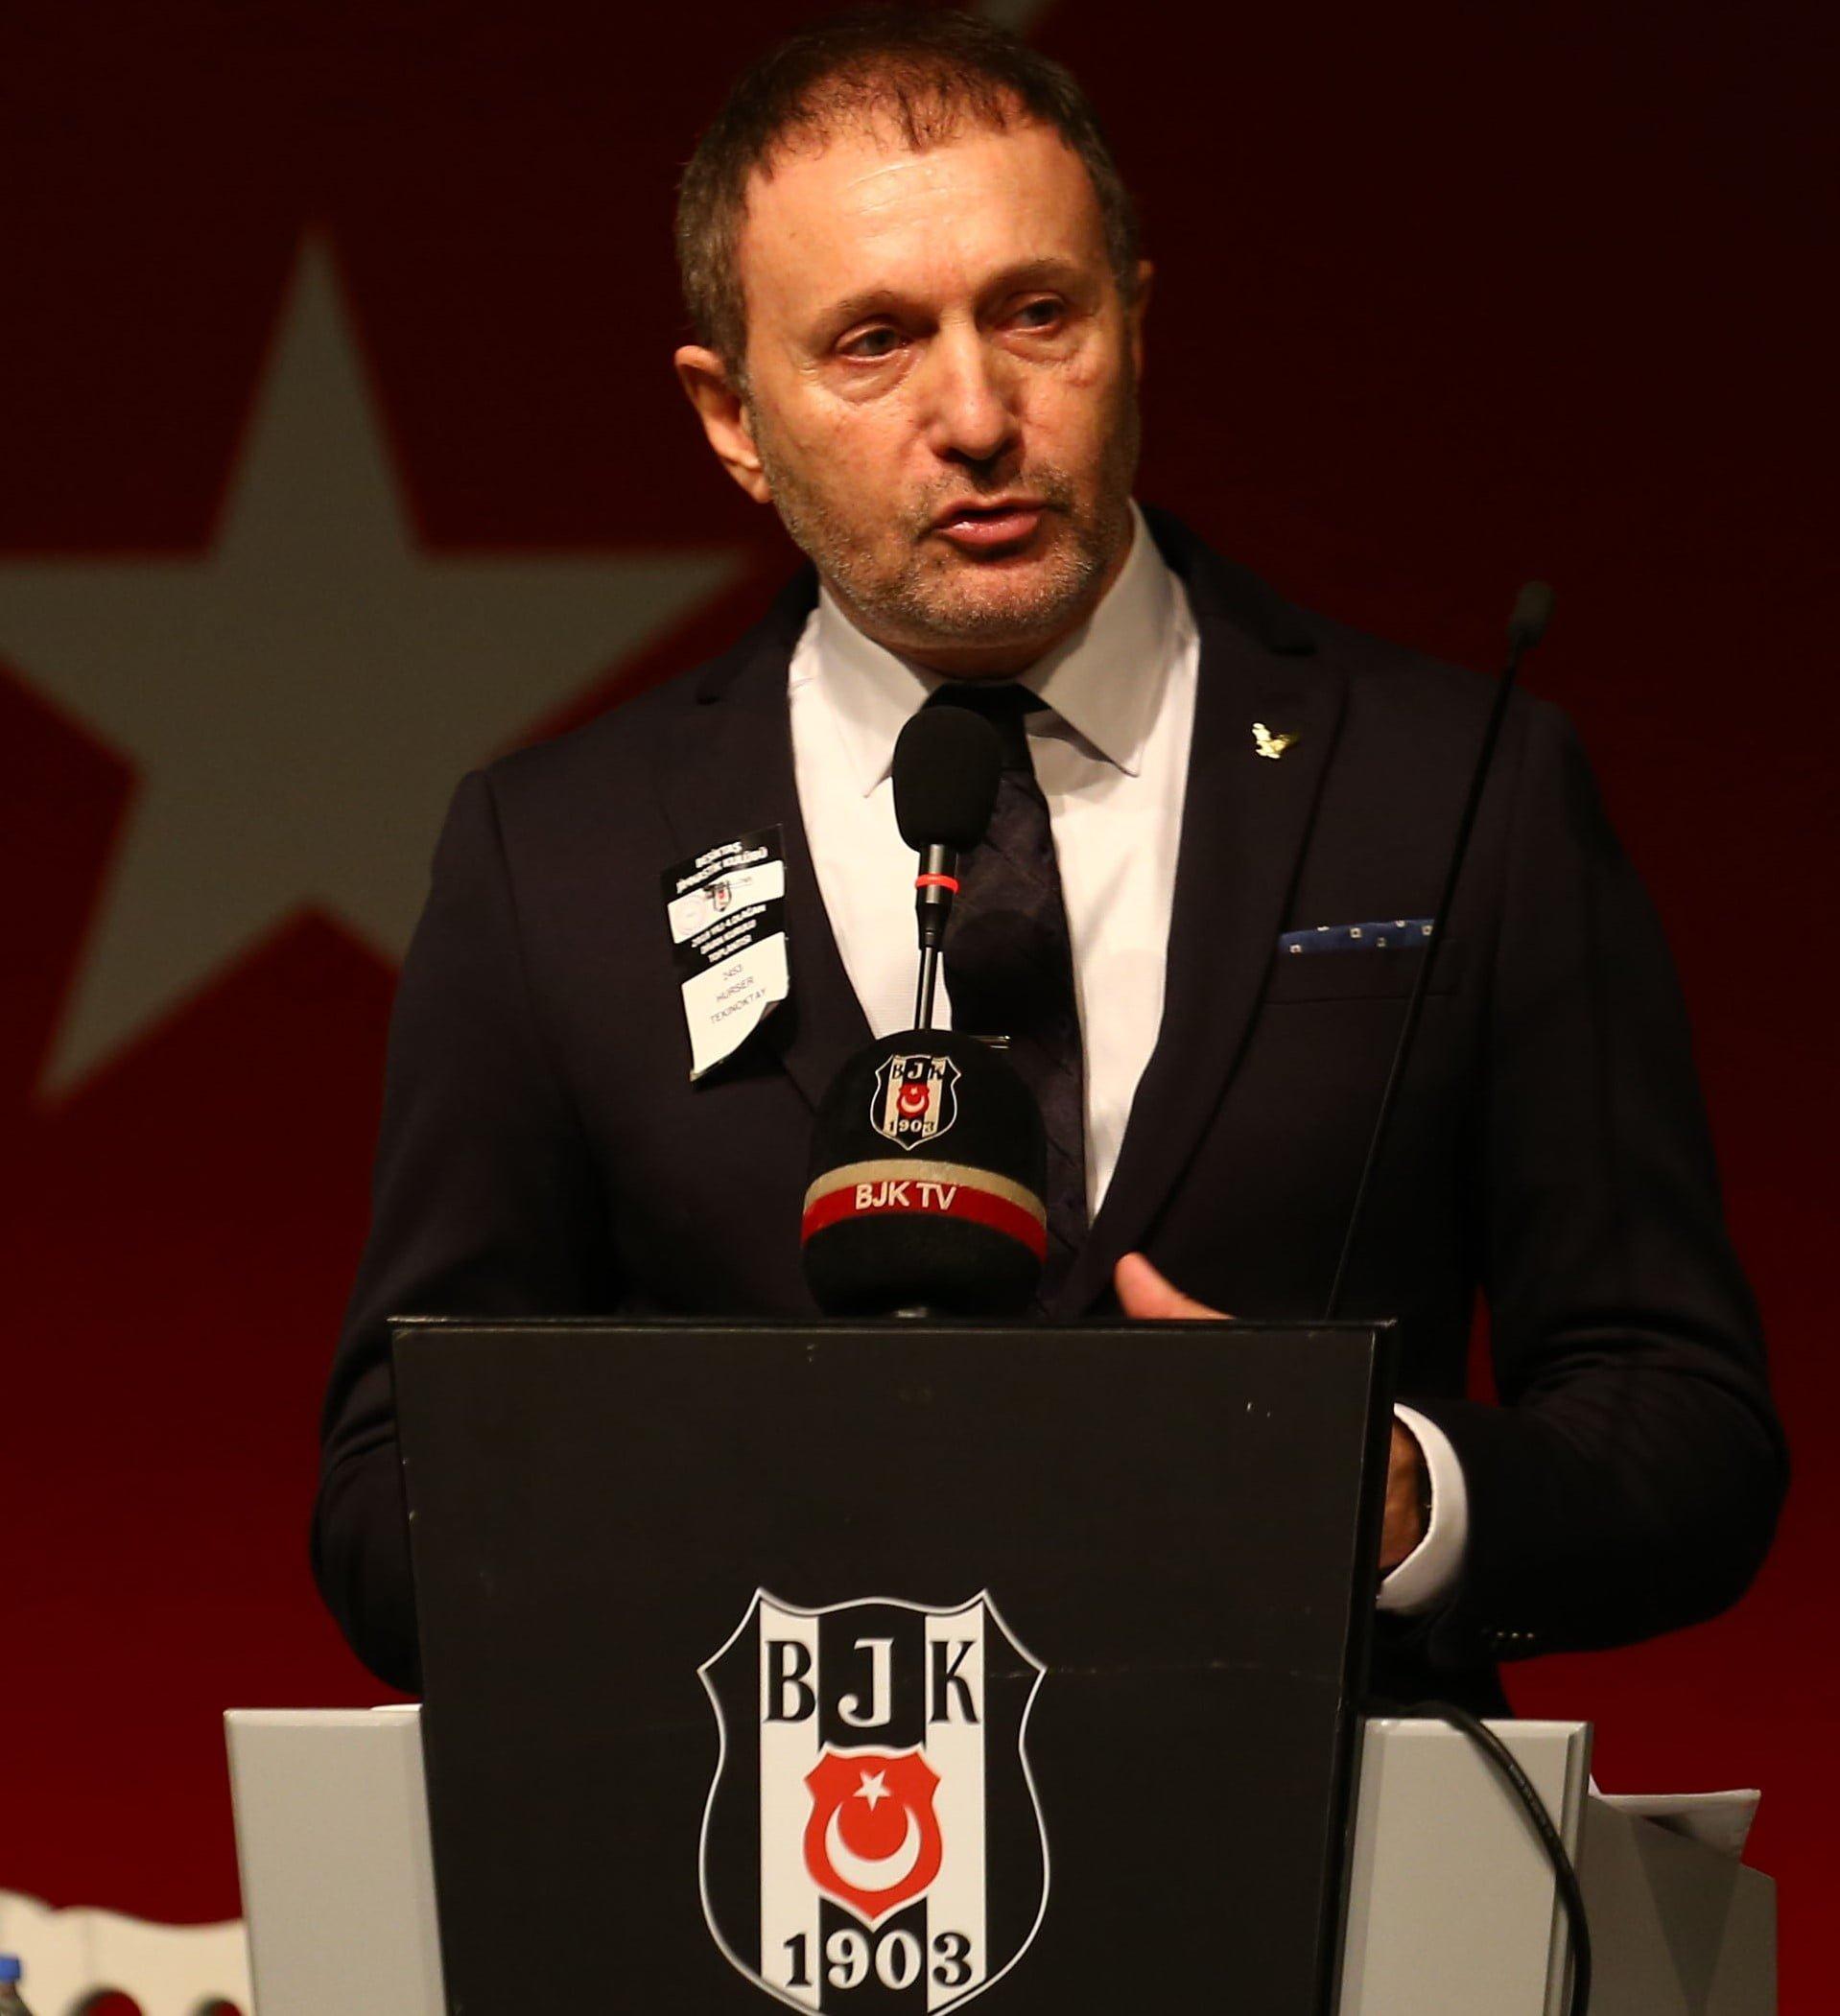 Başkan adayı Tekinoktay, Beşiktaşlı yönetici Mahmutyazıcıoğlu'nu istifaya davet etti!